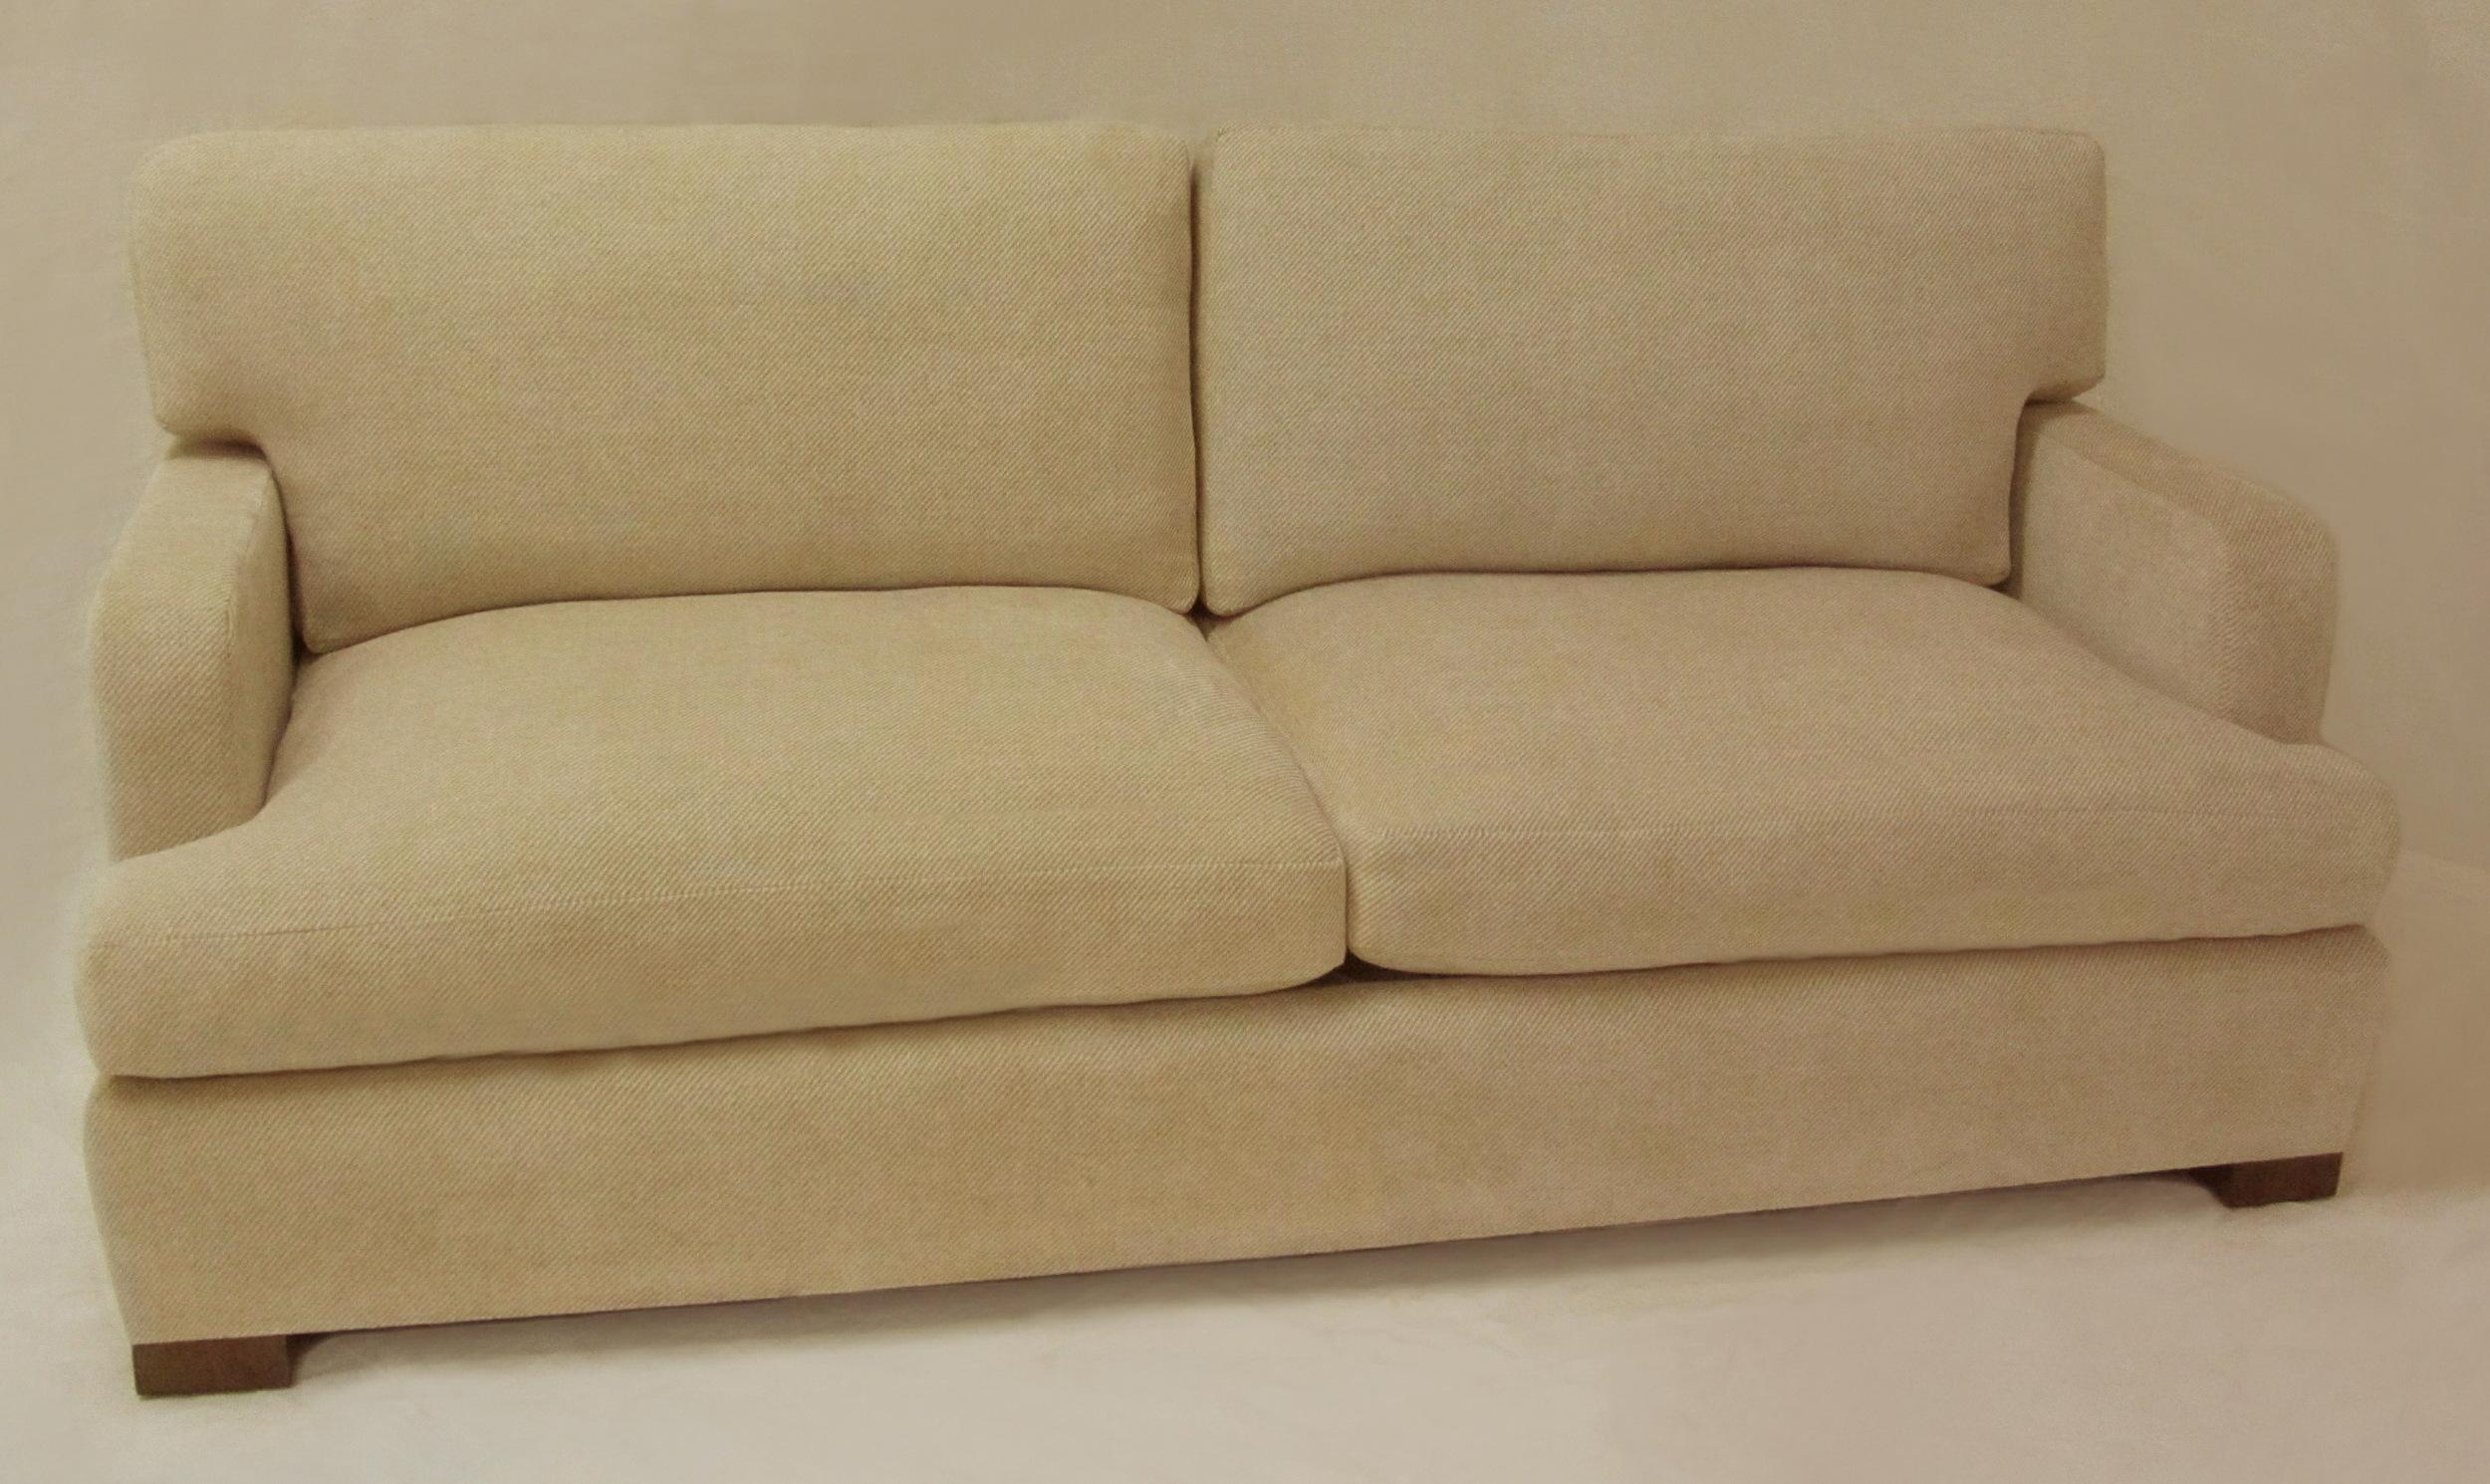 125 sofa